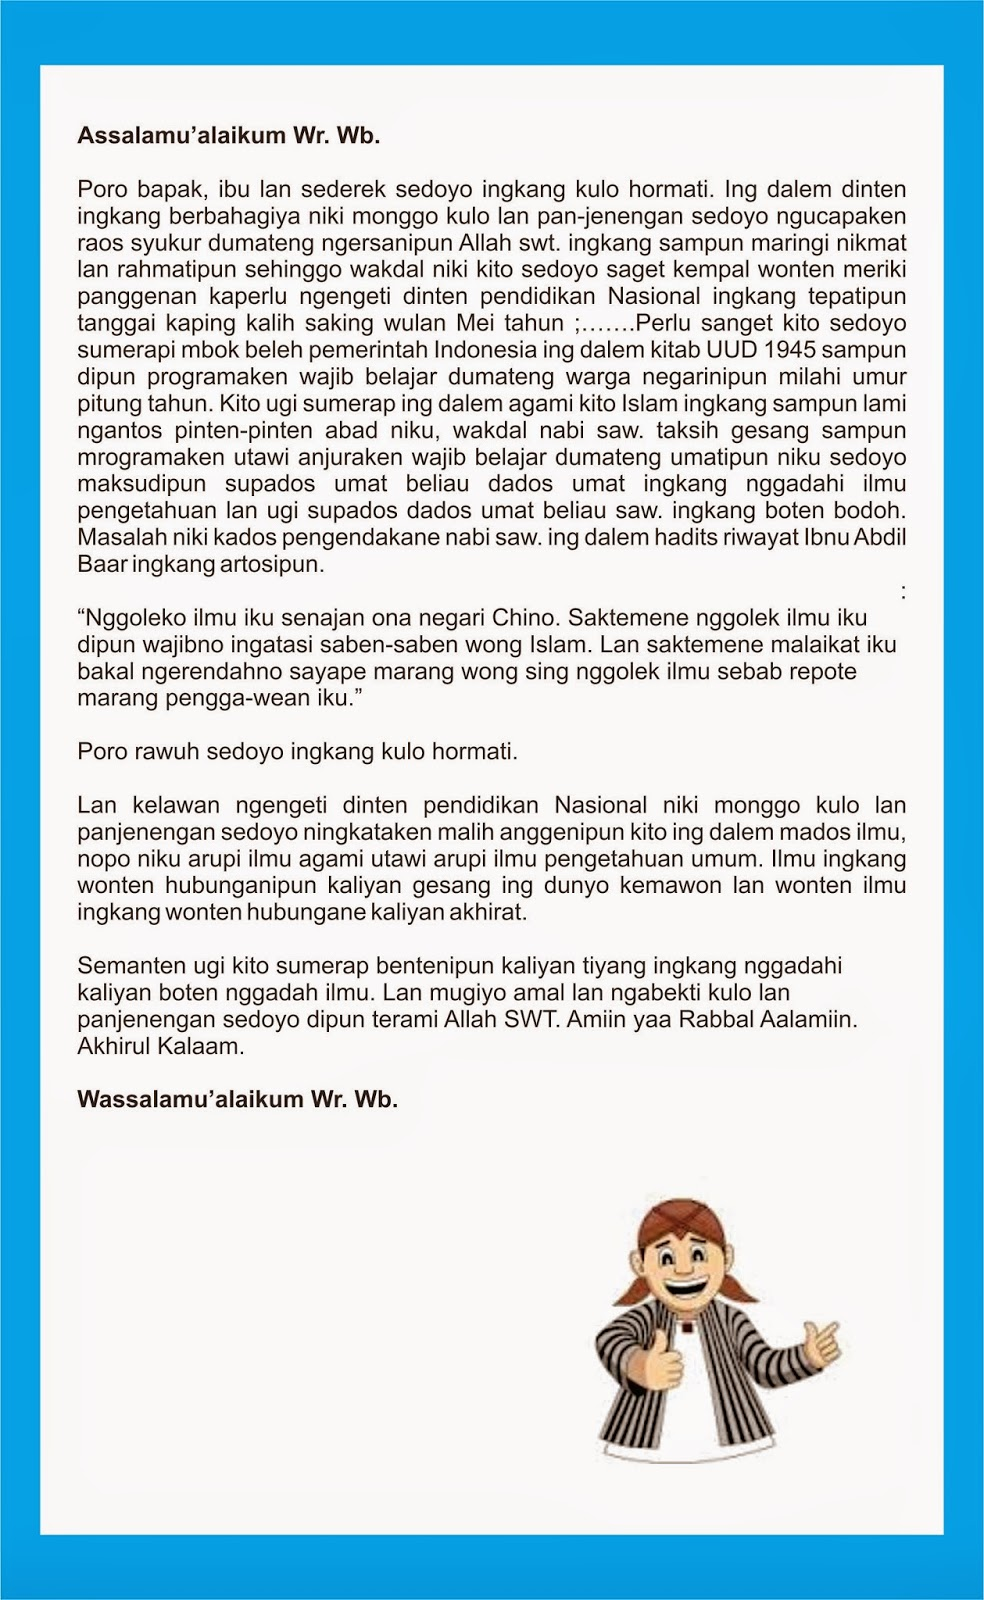 Contoh Cerita Bahasa Jawa Tema Pendidikan Kumpulan Contoh Geguritan Bahasa Jawa Berbagai Tema Contoh Pidato Hari Pendidikan Nasional Bahasa Jawa